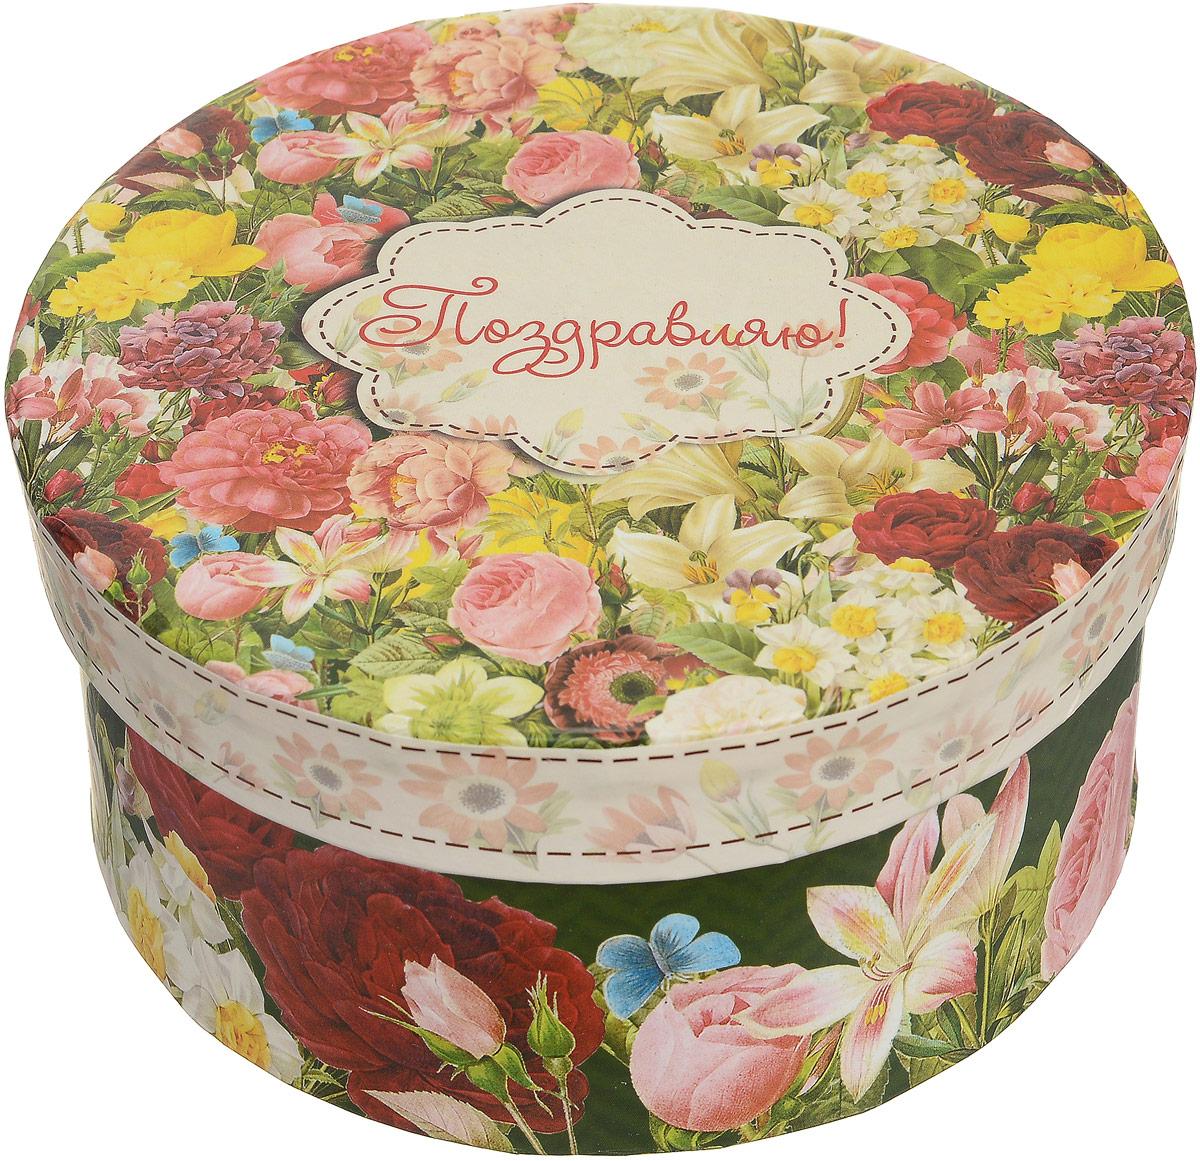 Коробка подарочная Magic Home Райский сад, круглая, 14 х 14 х 7 см44289Подарочная коробка Magic Home Райский сад, выполнена из мелованного ламинированного картона. Коробочка оформлена красивым цветочным рисунком. Изделие имеет круглую форму и закрывается крышкой с надписью Поздравляю!. Подарочная коробка - это наилучшее решение, если вы хотите порадовать близких и создать праздничное настроение, ведь подарок, преподнесенный в оригинальной упаковке, всегда будет самым эффектным и запоминающимся. Окружите близких людей вниманием и заботой, вручив презент в нарядном, праздничном оформлении. Плотность картона: 1100 г/м2.